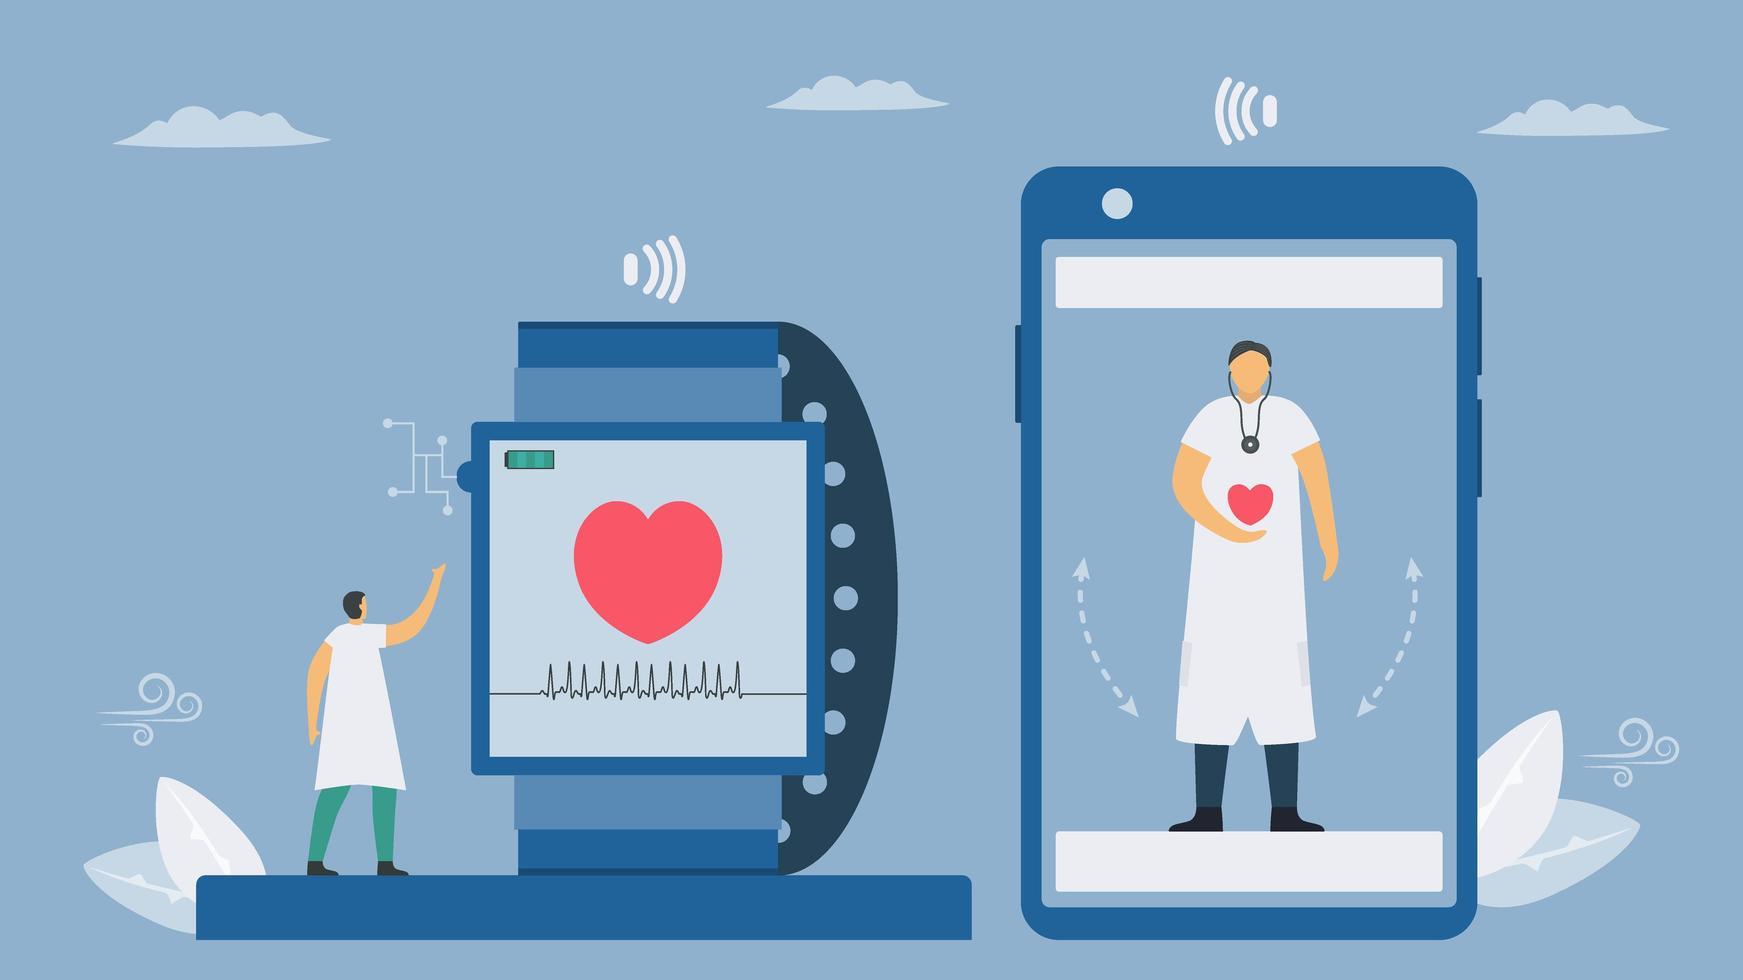 Neue Zukunftstechnologie für Menschen zur Überprüfung der Gesundheit auf dem Smartphone vektor